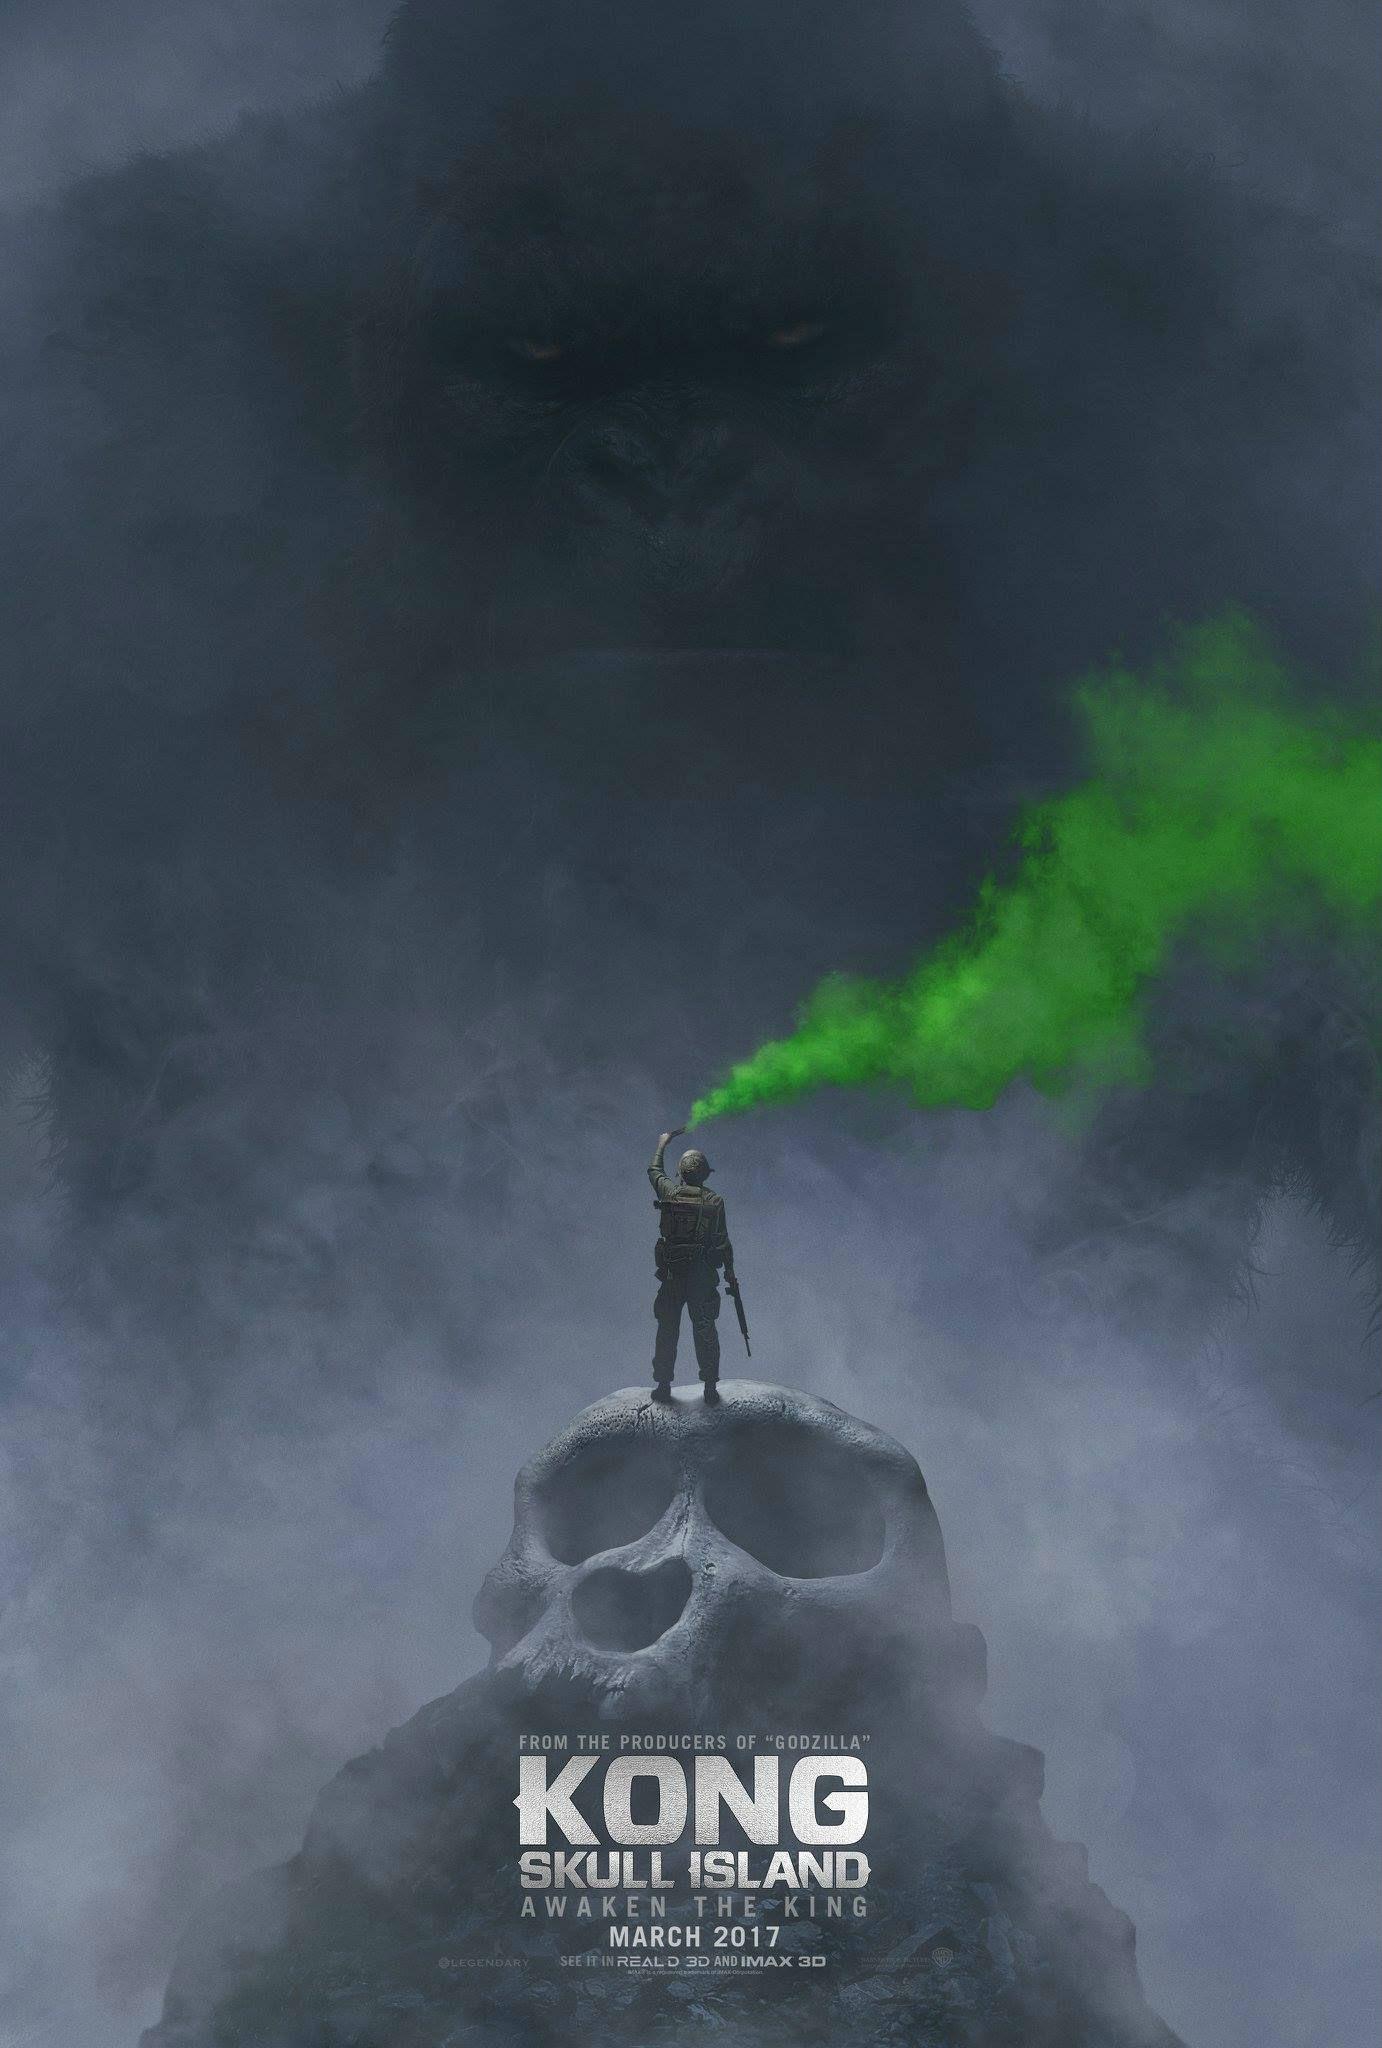 kong-skull-island-poster-full